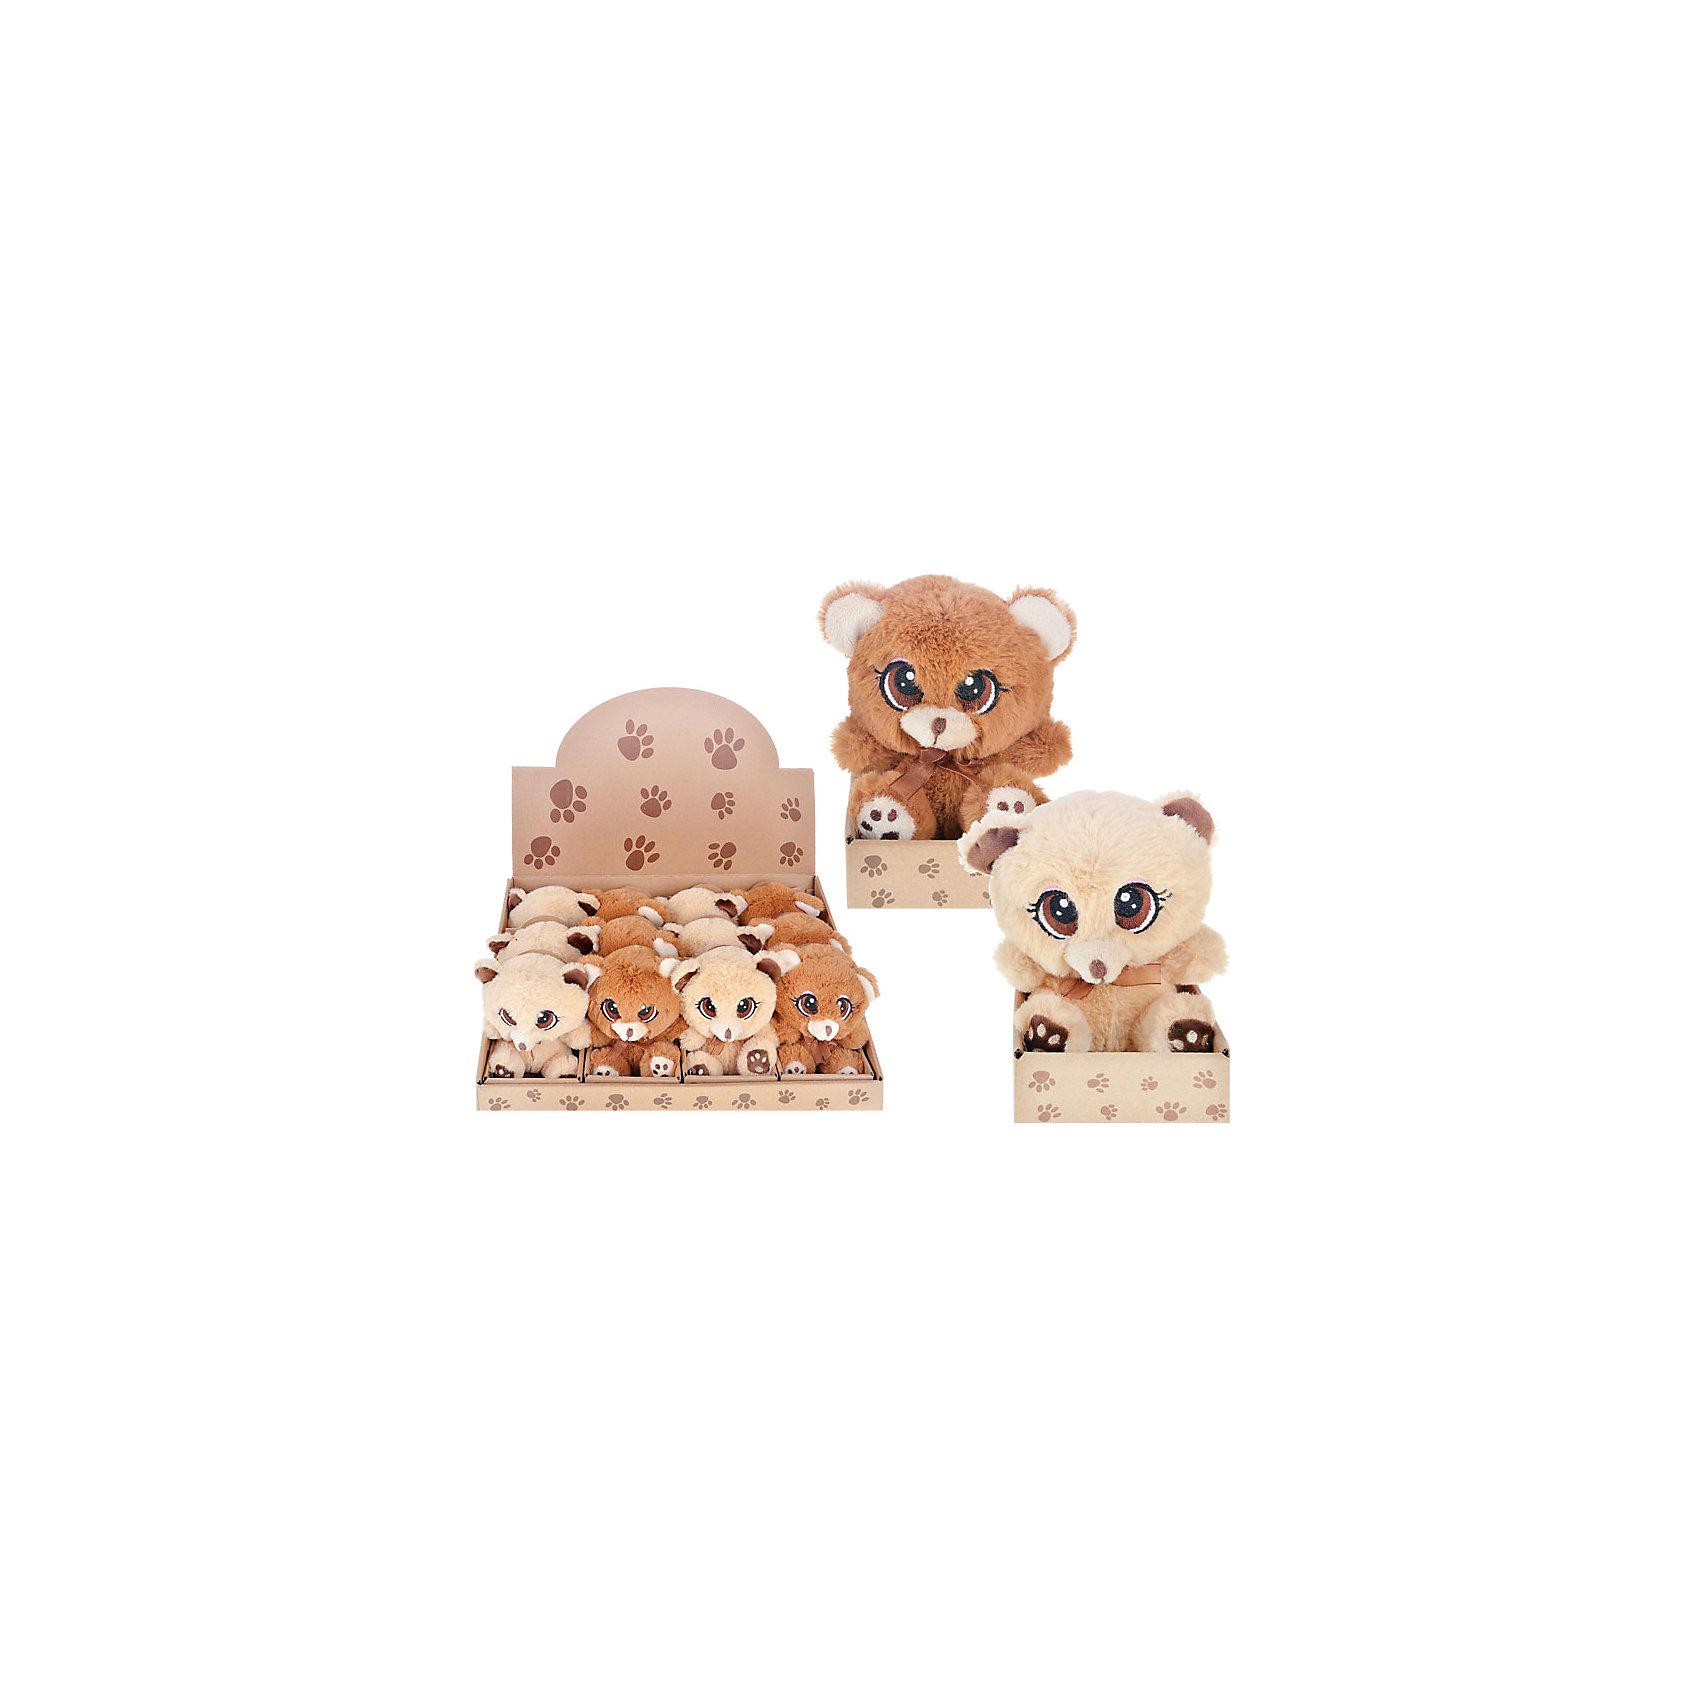 Мягкая игрушка Мишка (2 цвета в ассортименте)Медвежата<br>Очаровательный мягкий мишка с большими глазами - прекрасный подарок на любой праздник. Дети обожают мягкие игрушки и всегда будут рады новому плюшевому или меховому другу! Игрушка выполнена из высококачественных экологичных материалов, плотно набита, приятна на ощупь. <br><br>Дополнительная информация:<br><br>- Материал: текстиль, пластик, синтепон.<br>- Размер: 7,5х5х15 см. <br>- 2 цвета в ассортименте: коричневый, бежевый. <br>ВНИМАНИЕ! Данный артикул представлен в разных вариантах исполнения. К сожалению, заранее выбрать определенный вариант невозможно. При заказе нескольких игрушек возможно получение одинаковых.<br><br>Мягкую игрушку Мишка (2 цвета в ассортименте) можно купить в нашем магазине.<br><br>Ширина мм: 120<br>Глубина мм: 90<br>Высота мм: 130<br>Вес г: 98<br>Возраст от месяцев: 36<br>Возраст до месяцев: 144<br>Пол: Унисекс<br>Возраст: Детский<br>SKU: 4558383